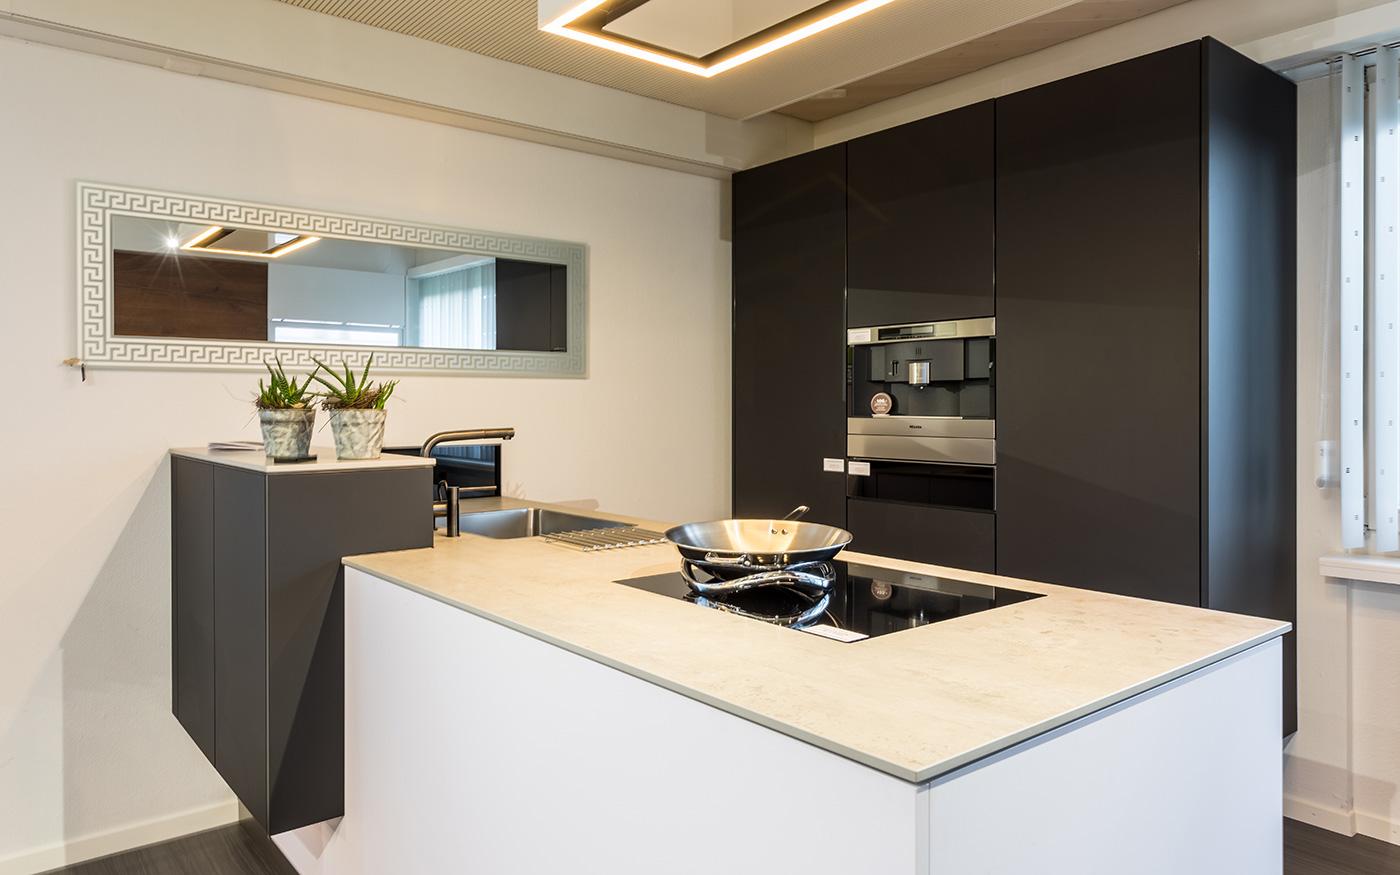 Tolle Küche Nach Design Danbury Ct Zeitgenössisch - Küchen Design ...